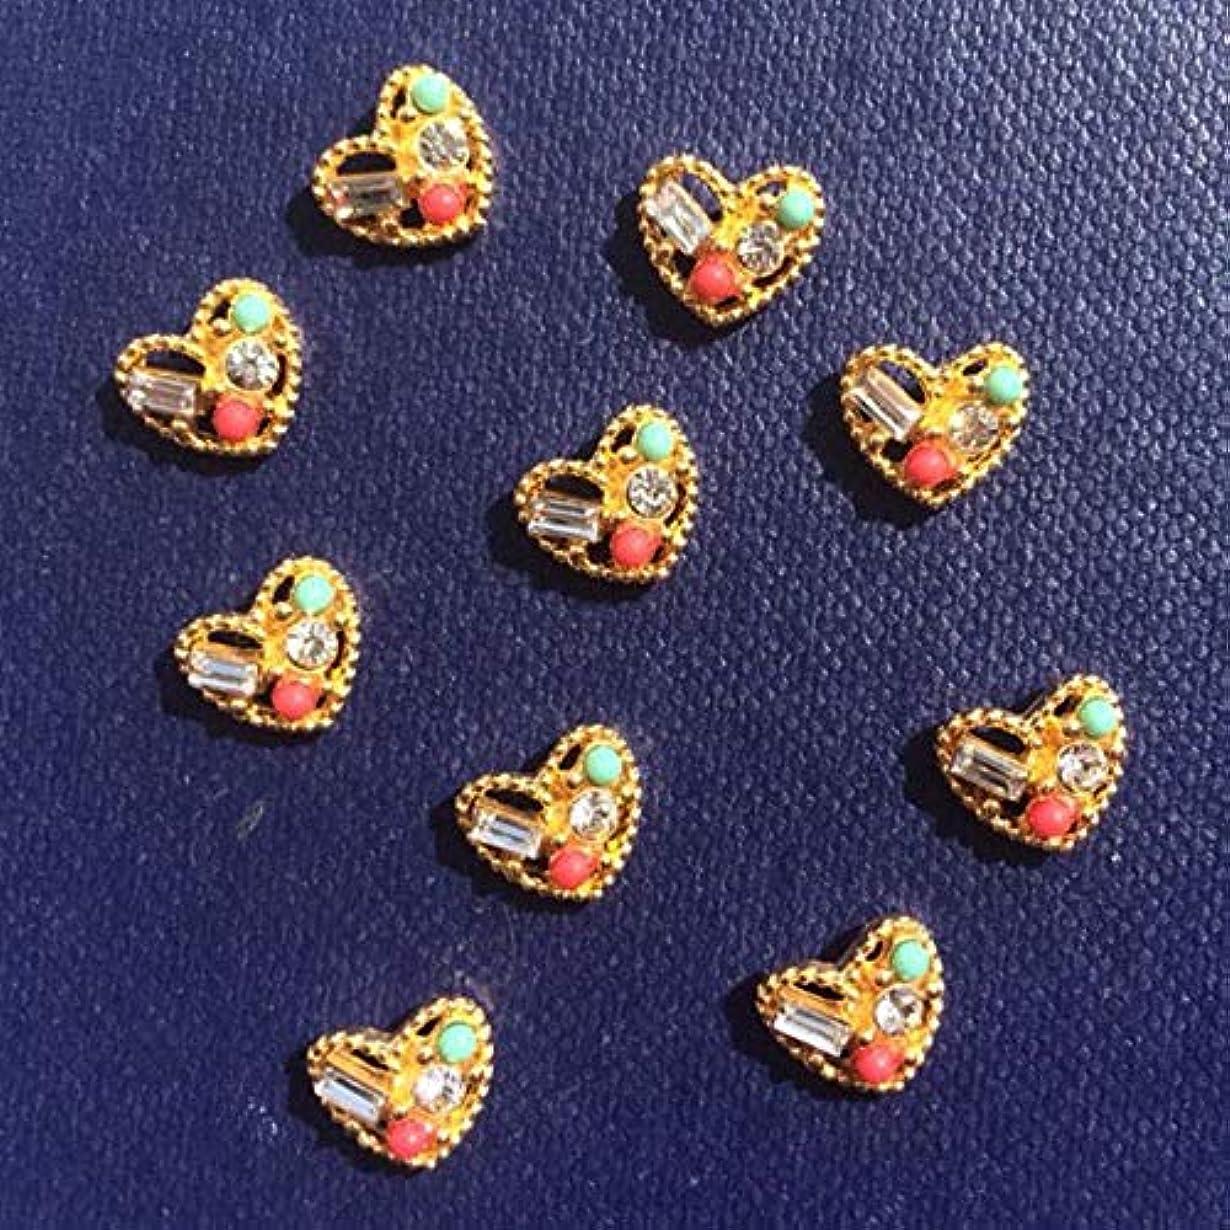 邪悪なパラナ川姿を消す10個入り/ロットクリアクリスタルラインストーンゴールド合金のラブハートのデザインの3Dラインストーンネイルアートの装飾